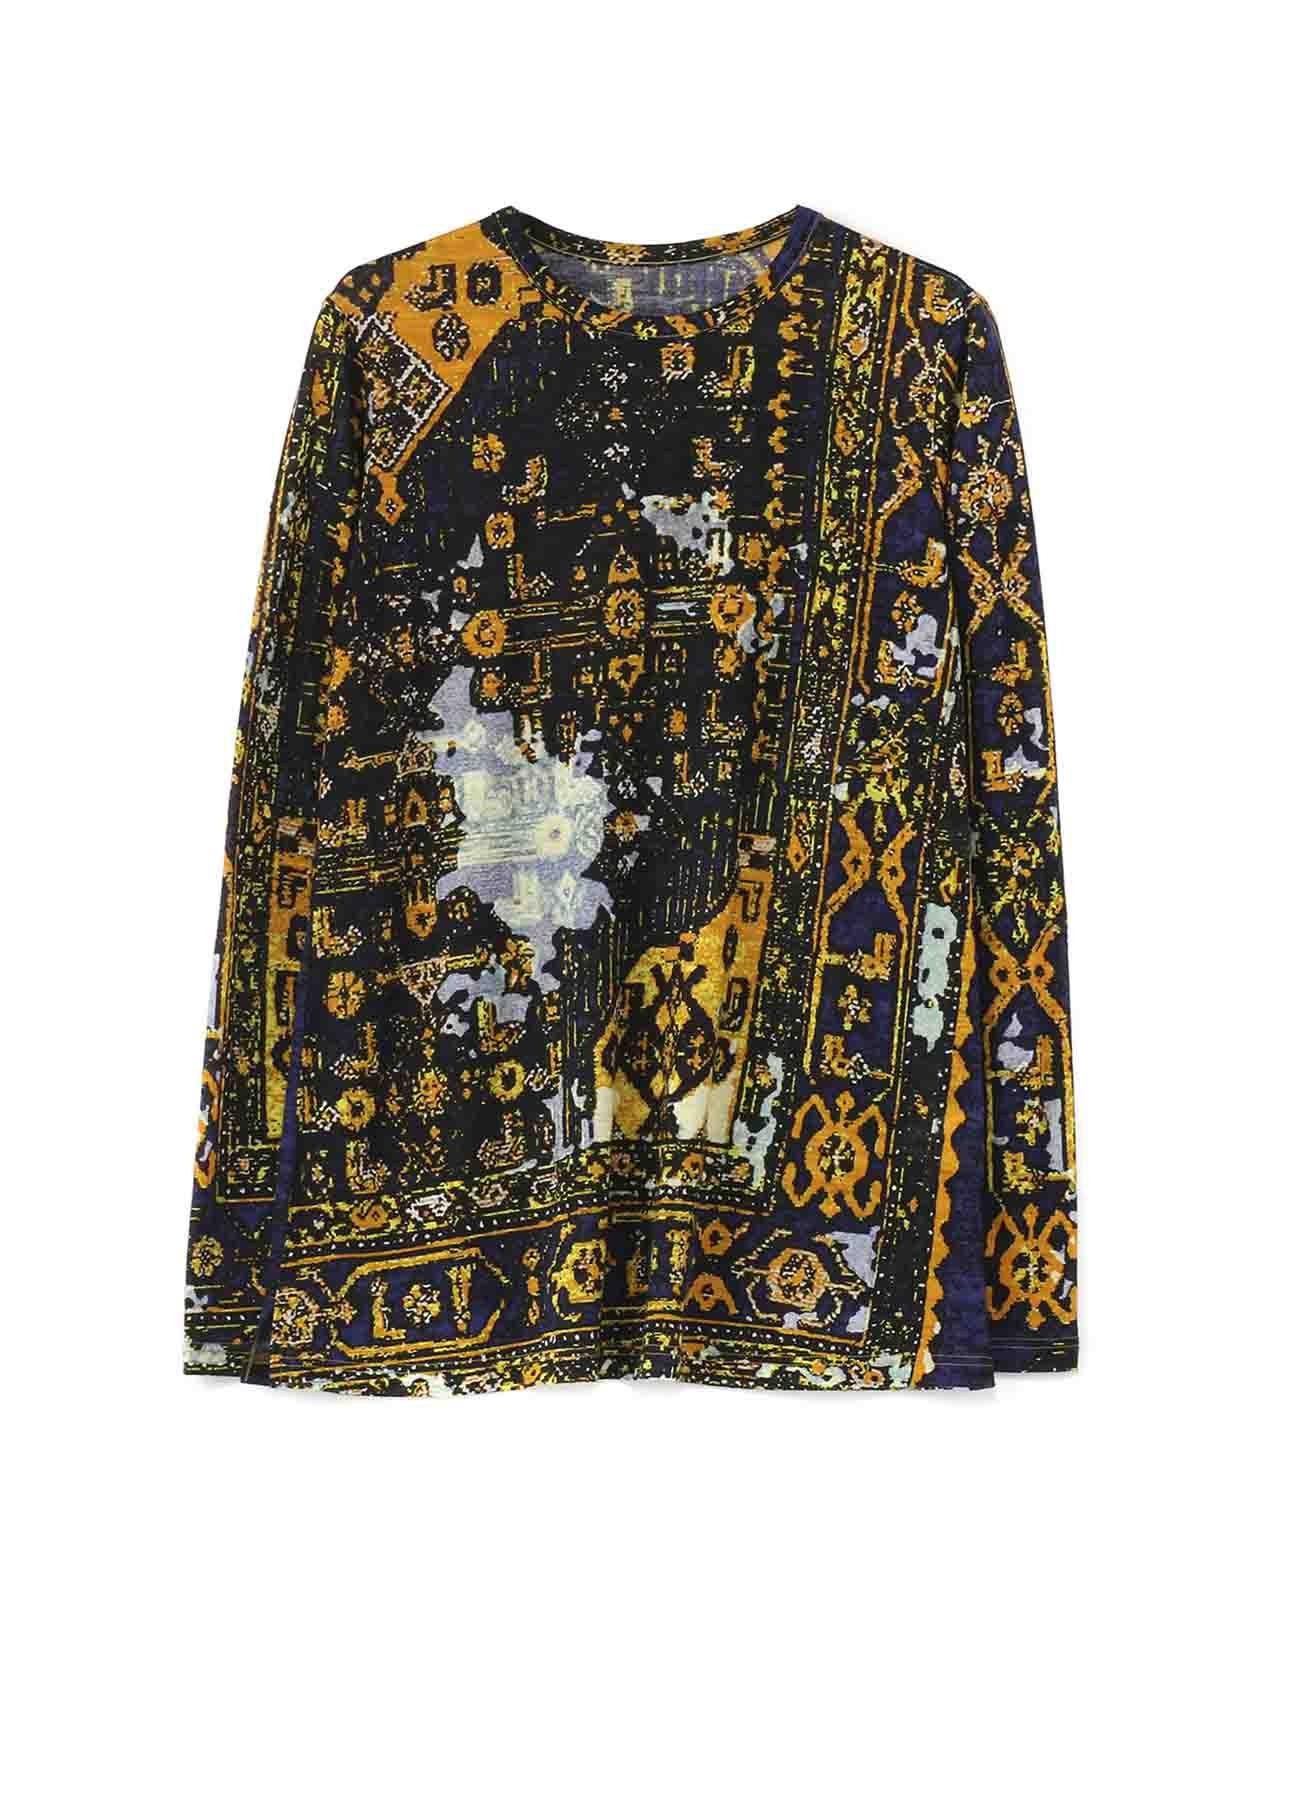 数码印刷地毯图案长袖T恤·宽松款